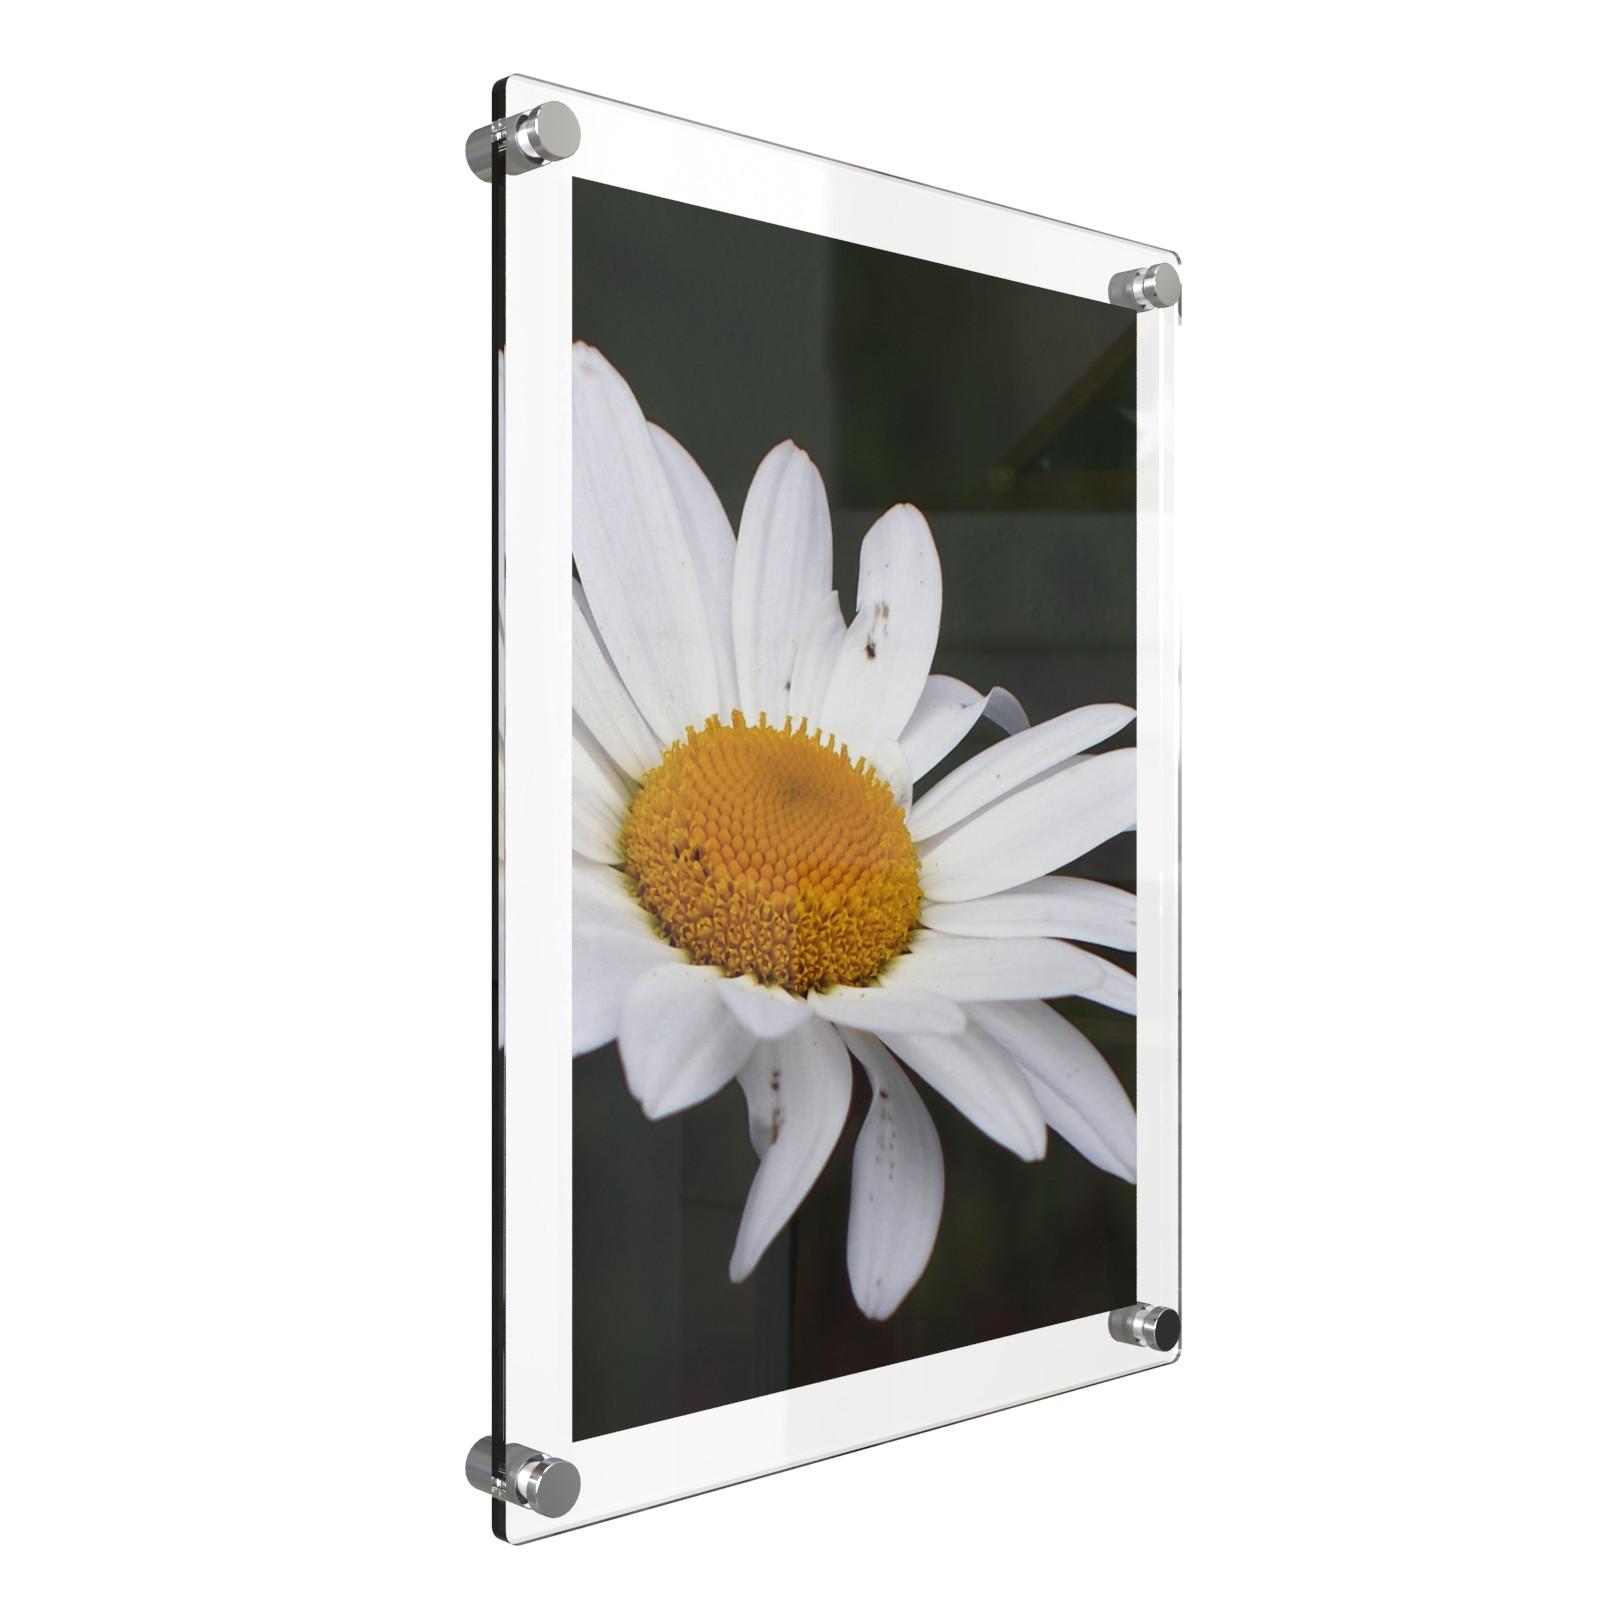 A0 กรอบรูปอะครีลิค ติดผนัง 123x90ซม. Acrylic Wall Mounted Photo Frame 123x90cm.(for A0) 5+3 Mm